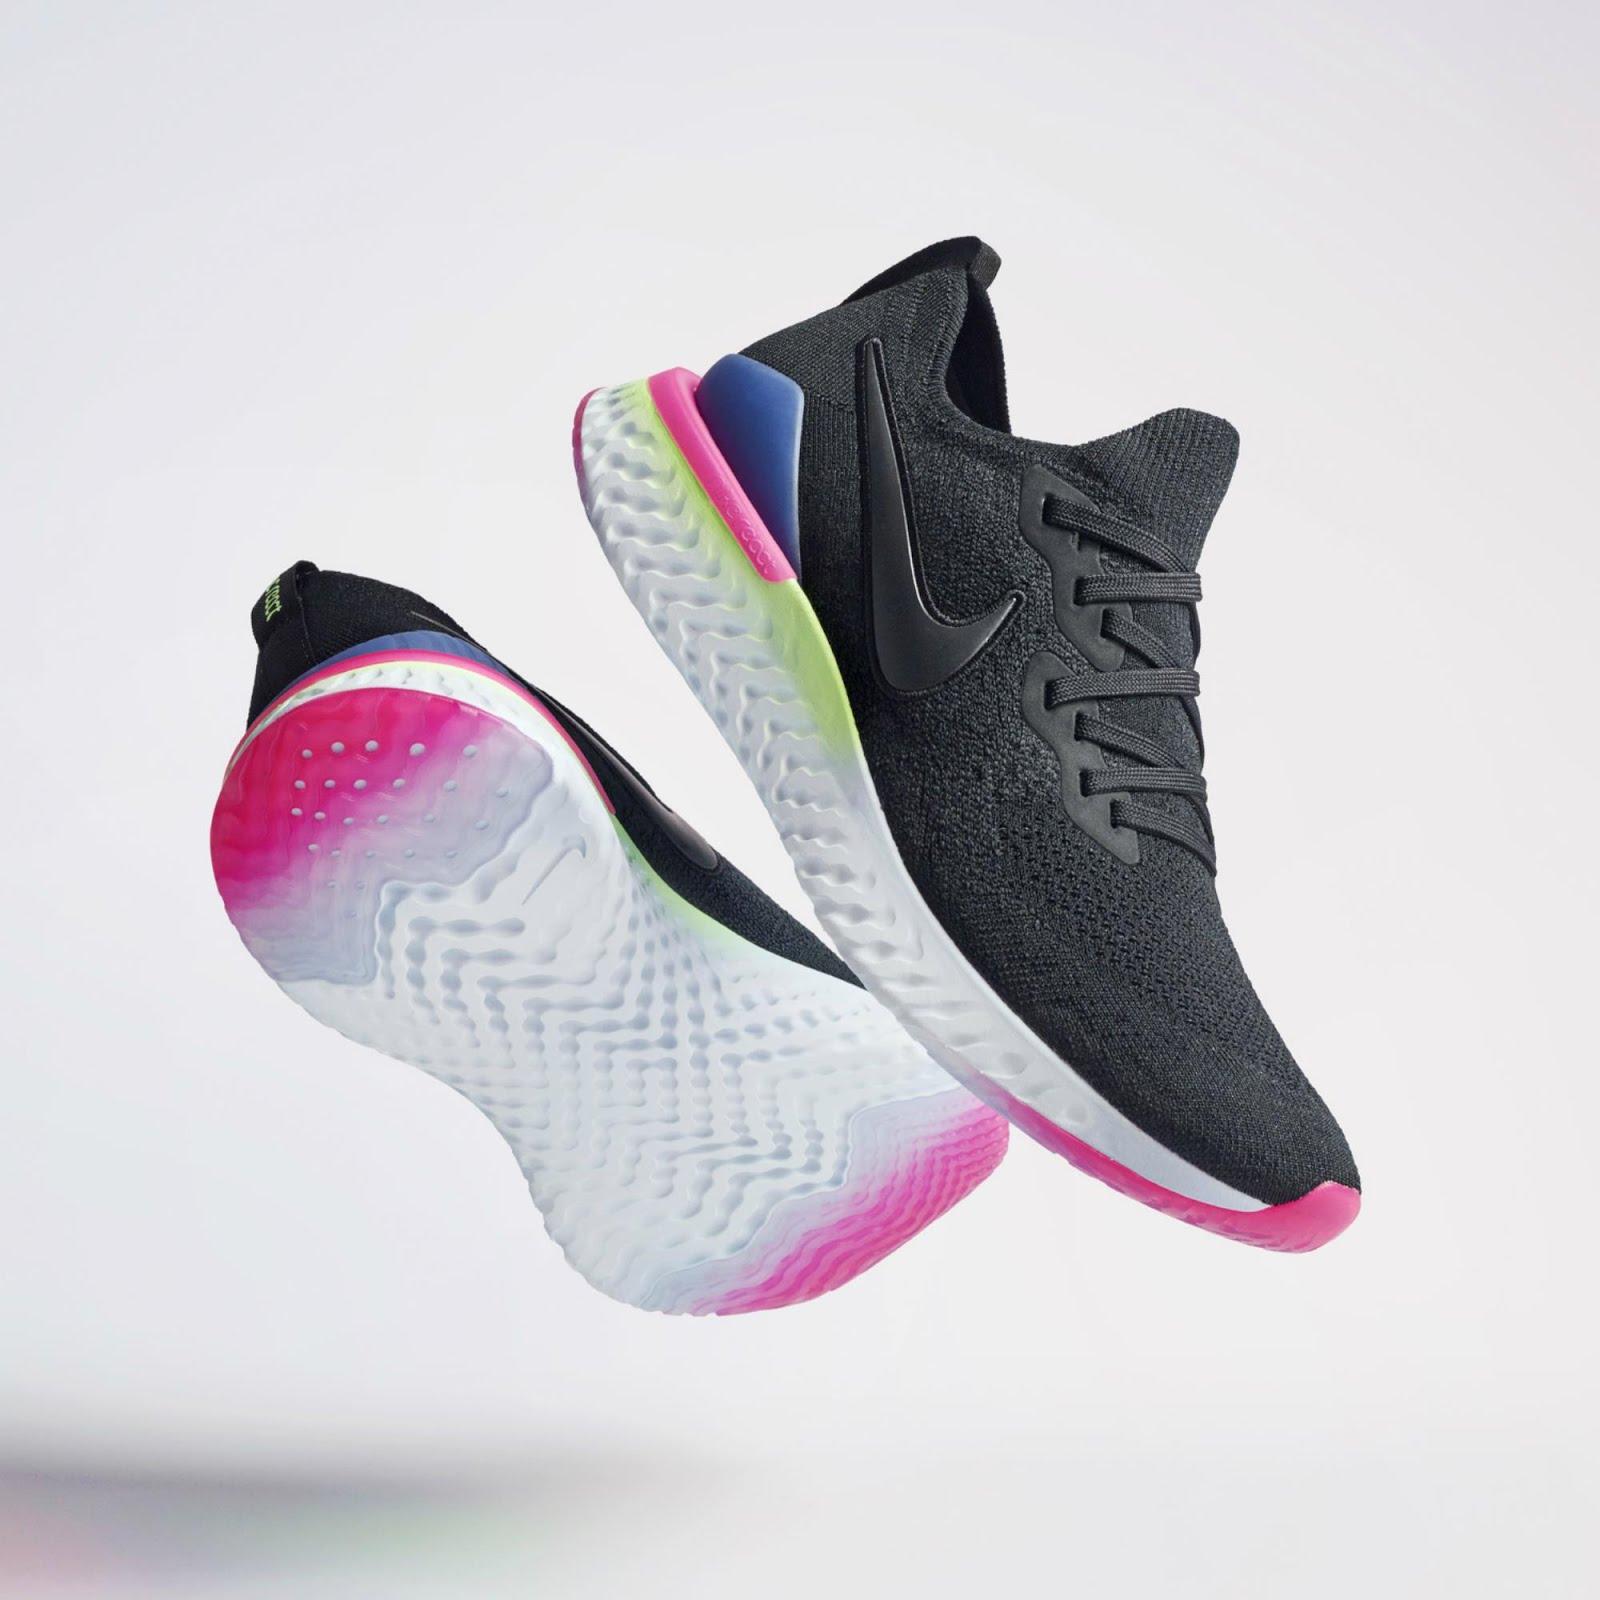 166a2a95905 Tênis Nike Epic React Flyknit 2 - Macio e Responsivo - Blog da Marcy